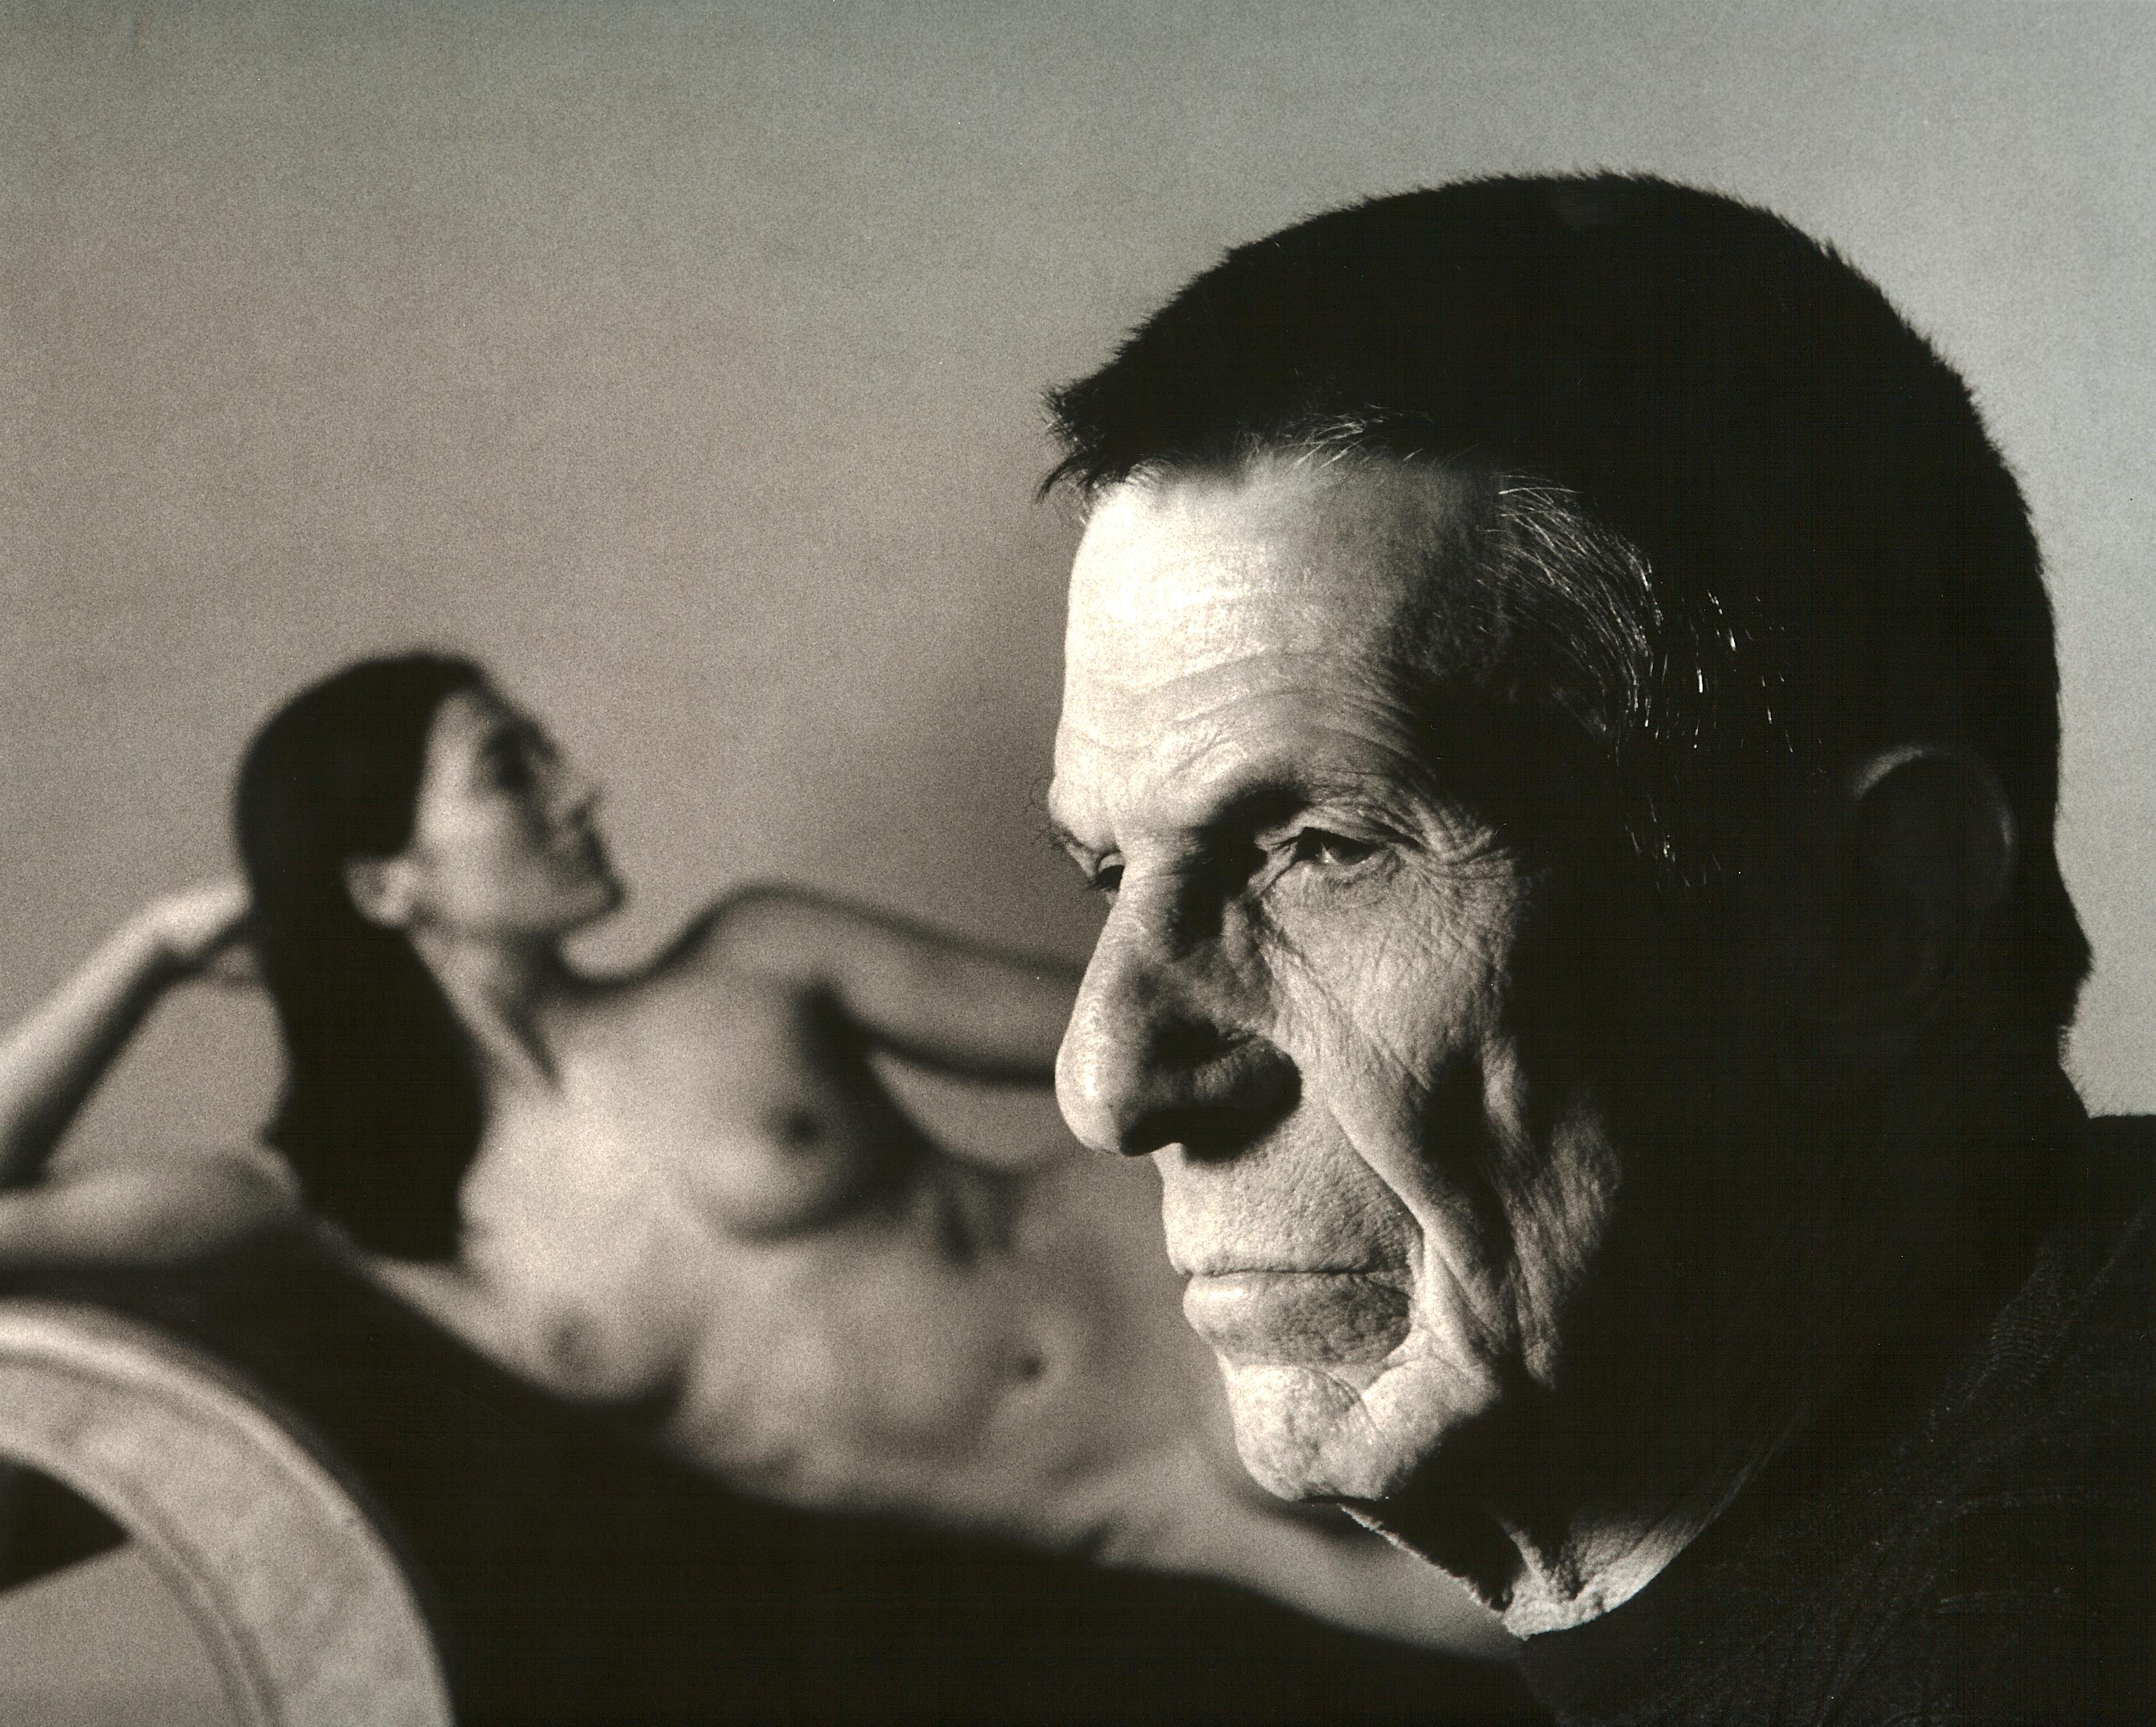 Self-Portrait with Shekhina